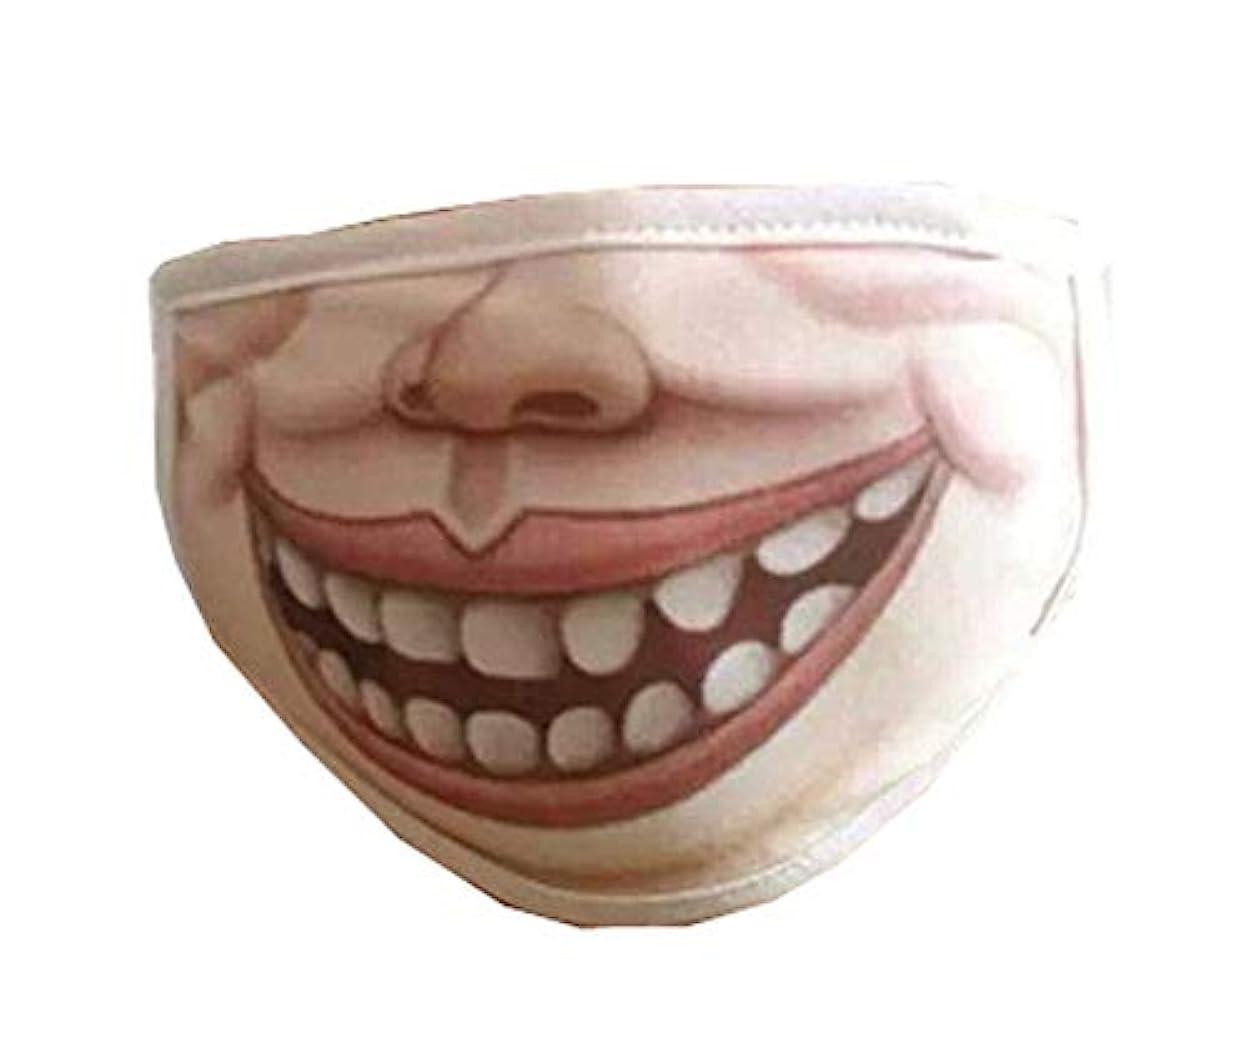 咳人気の化合物面白い口のマスク、かわいいユニセックス顔の十代のマスク(G2)